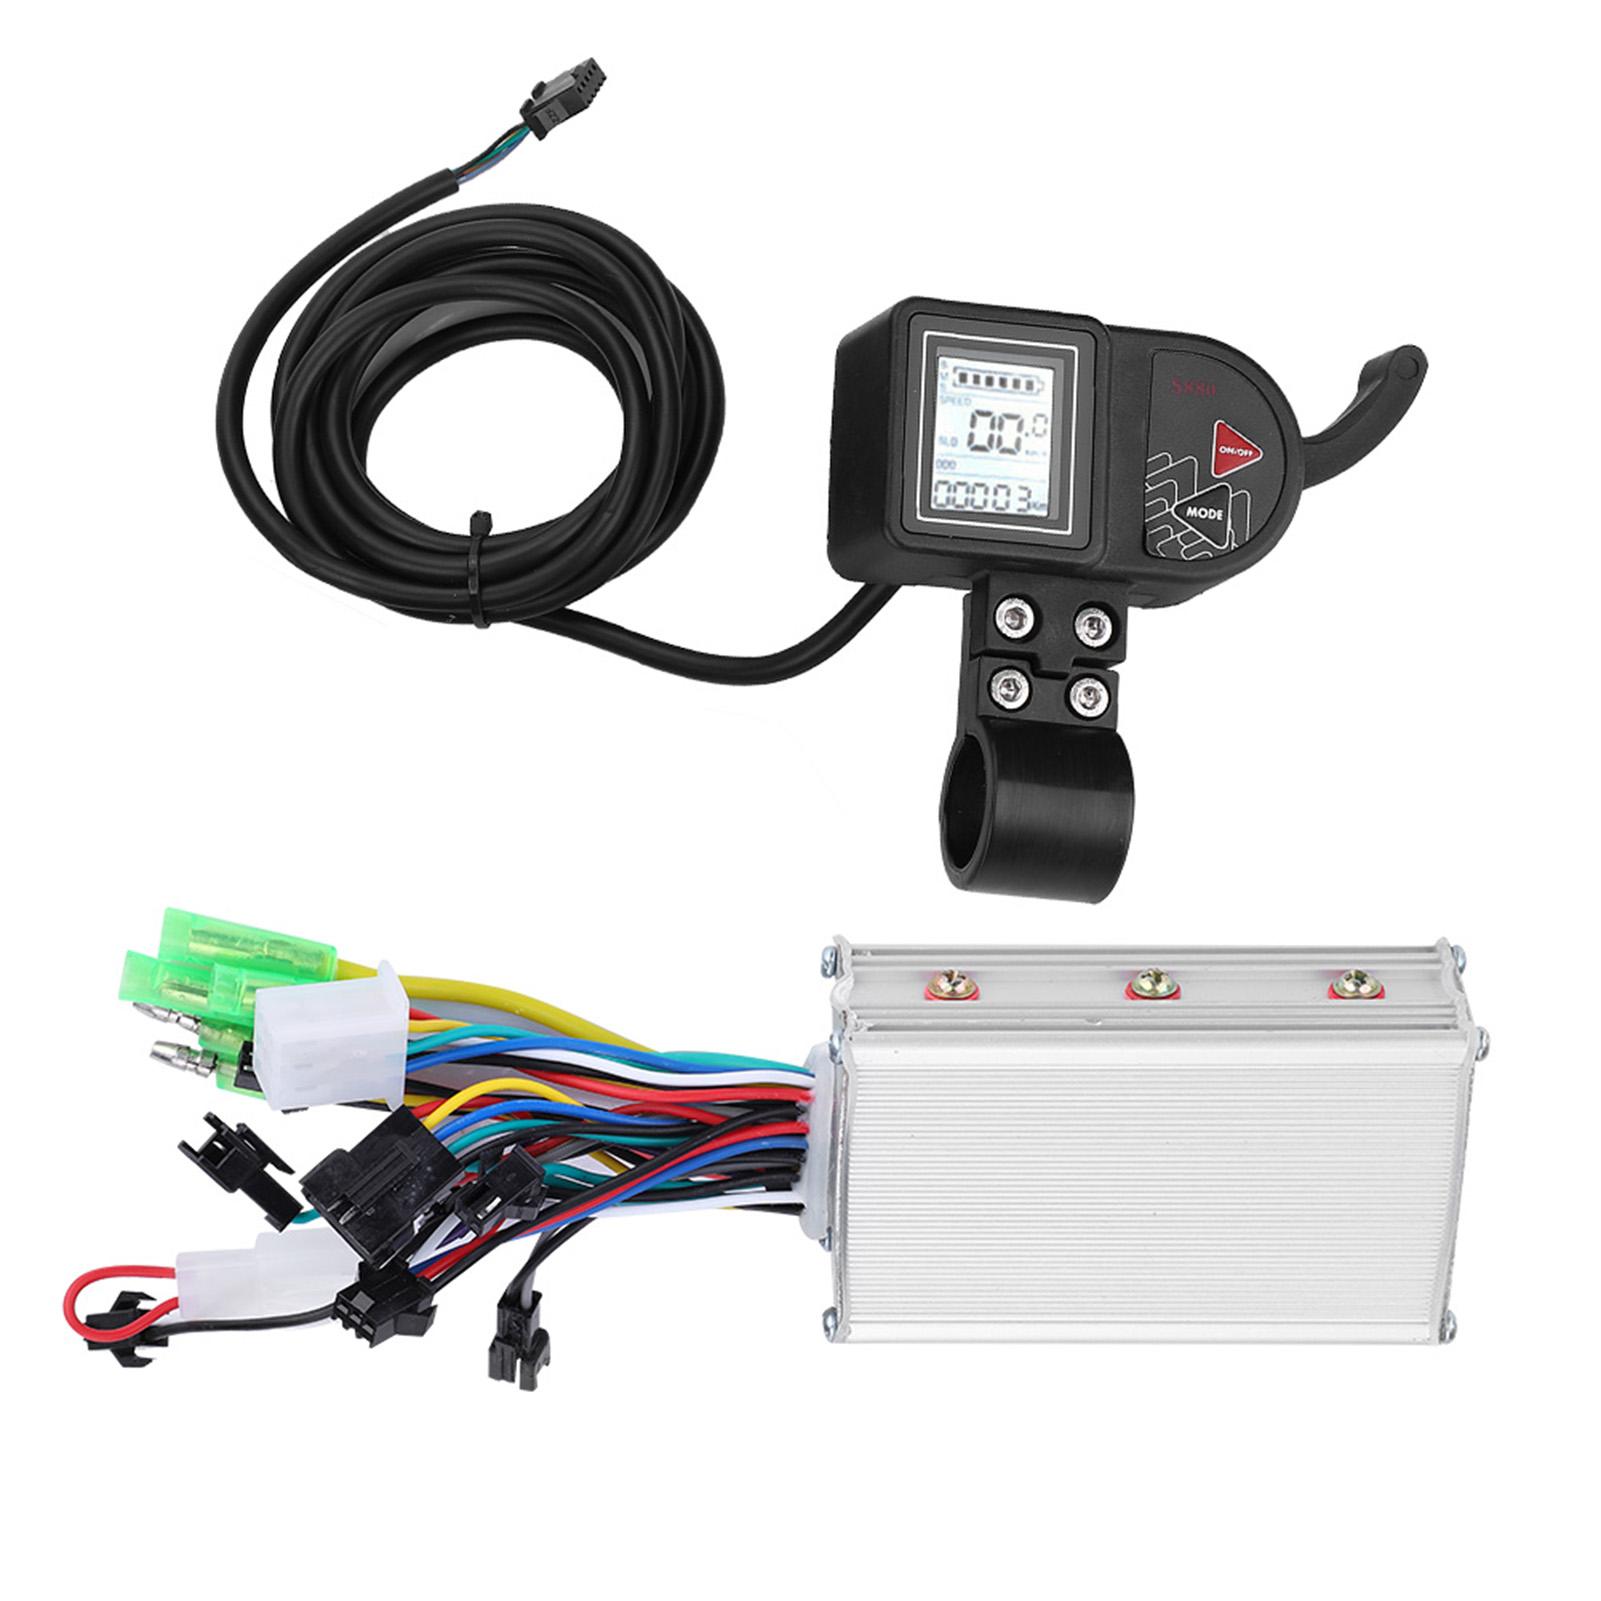 24-60V-Brushless-Motor-Controller-LCD-Panel-for-E-bike-Electric-Bike-Scooter-Kit thumbnail 29